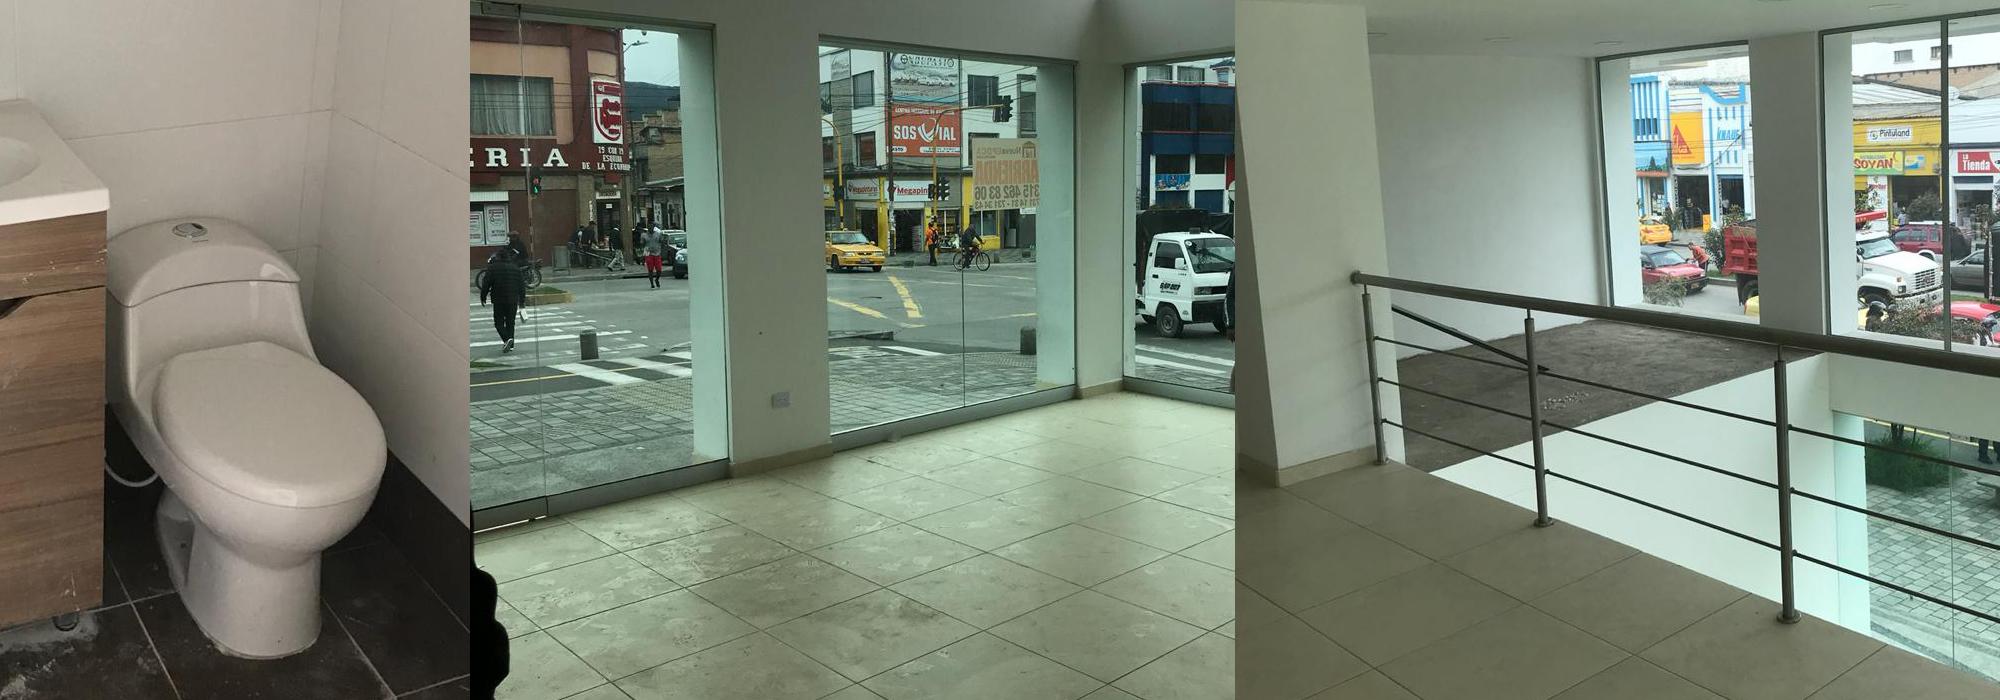 Dos Locales en arriendo o en venta 145m² 131m²  (Sector Centro)